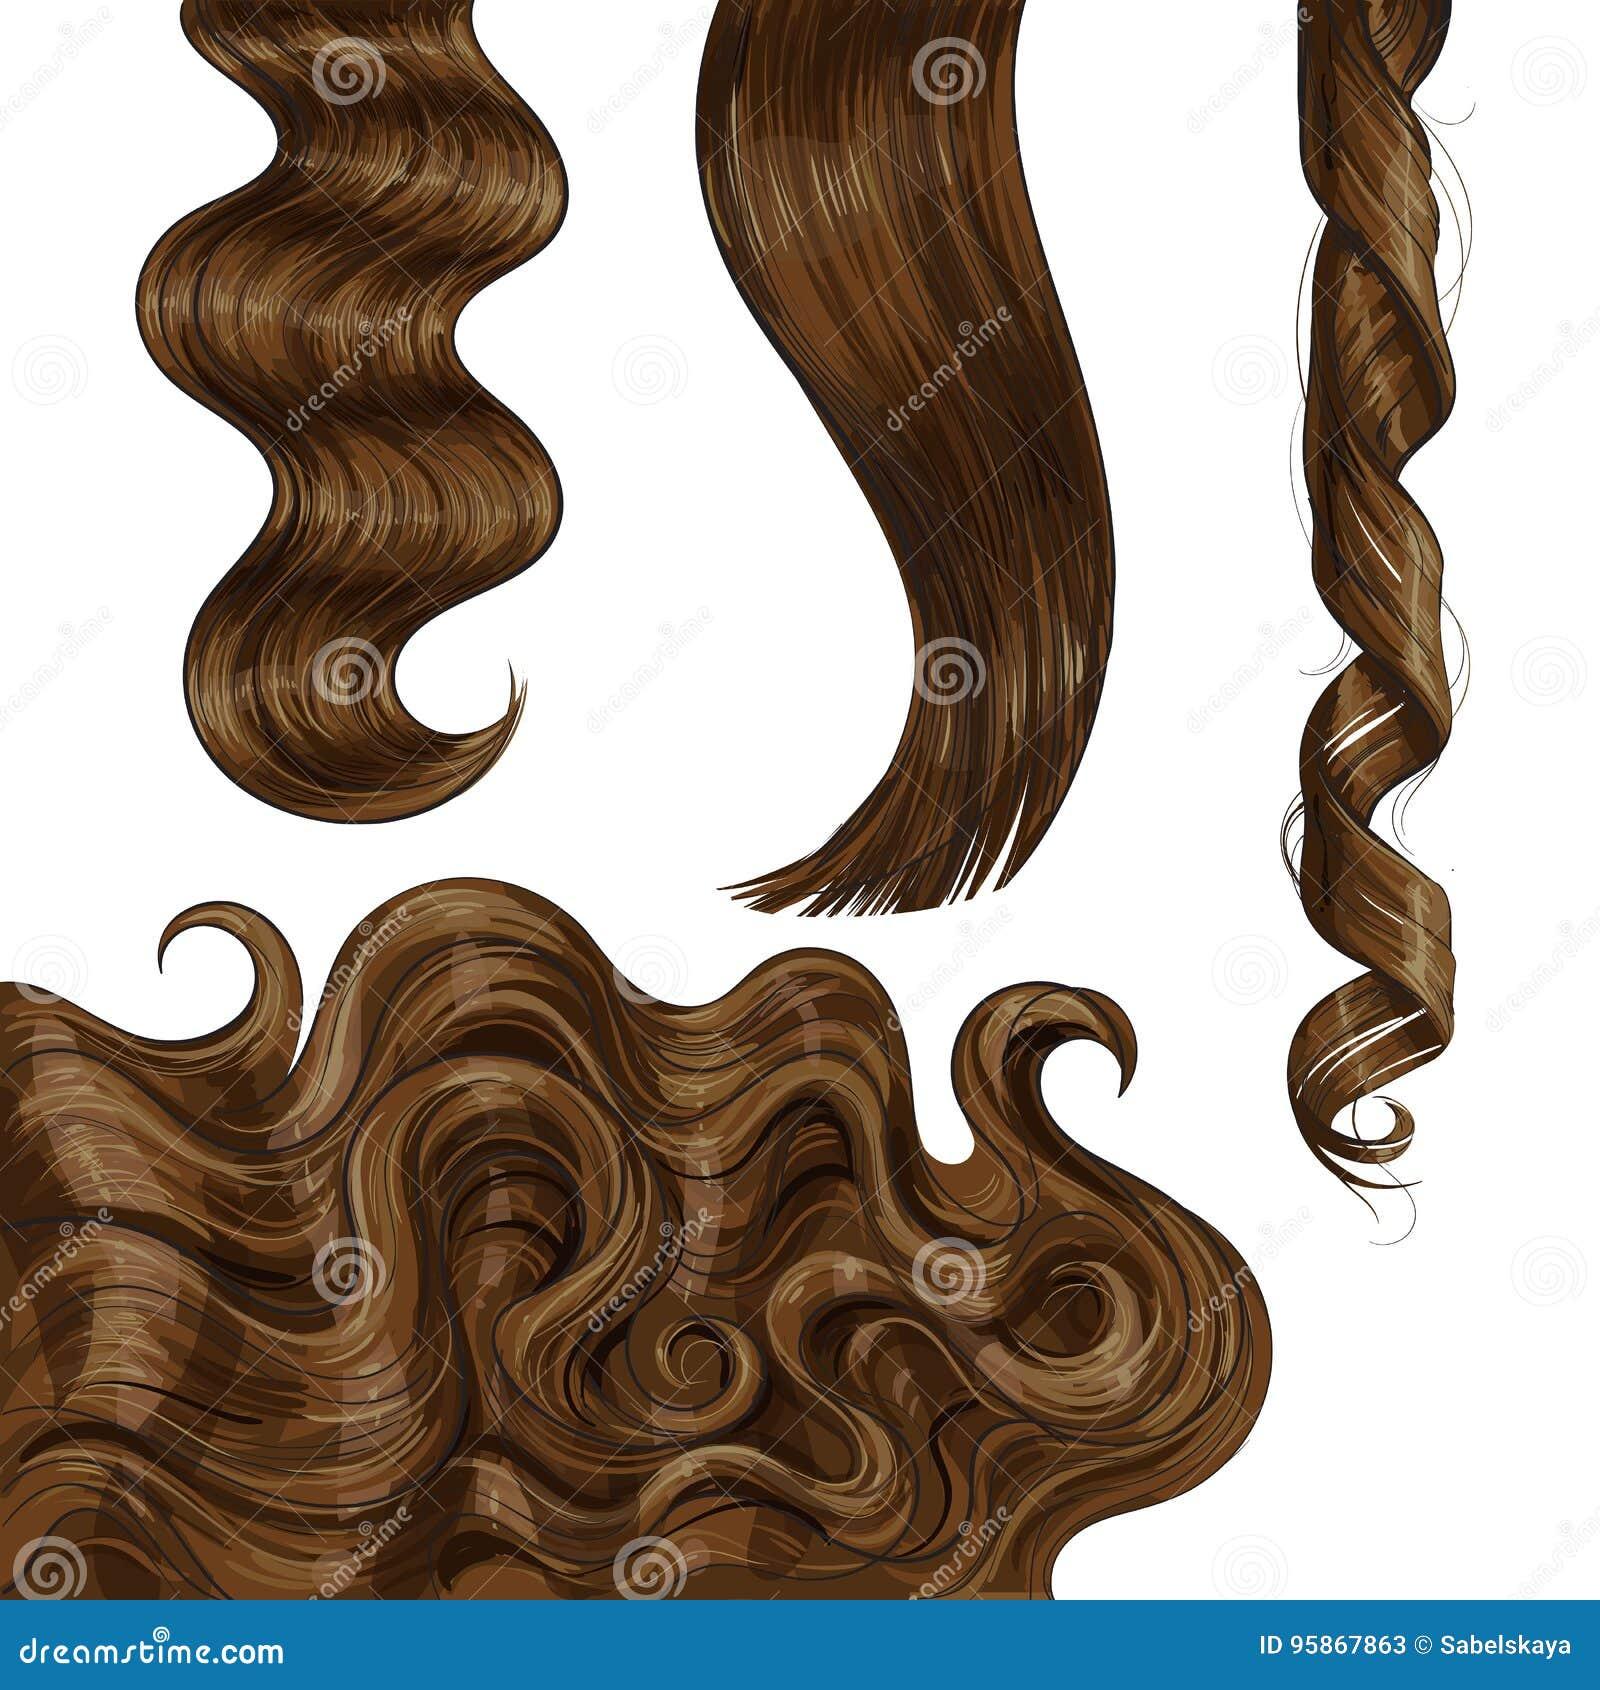 Marrom longo brilhante, favoravelmente em linha reta e ondas do cabelo ondulado